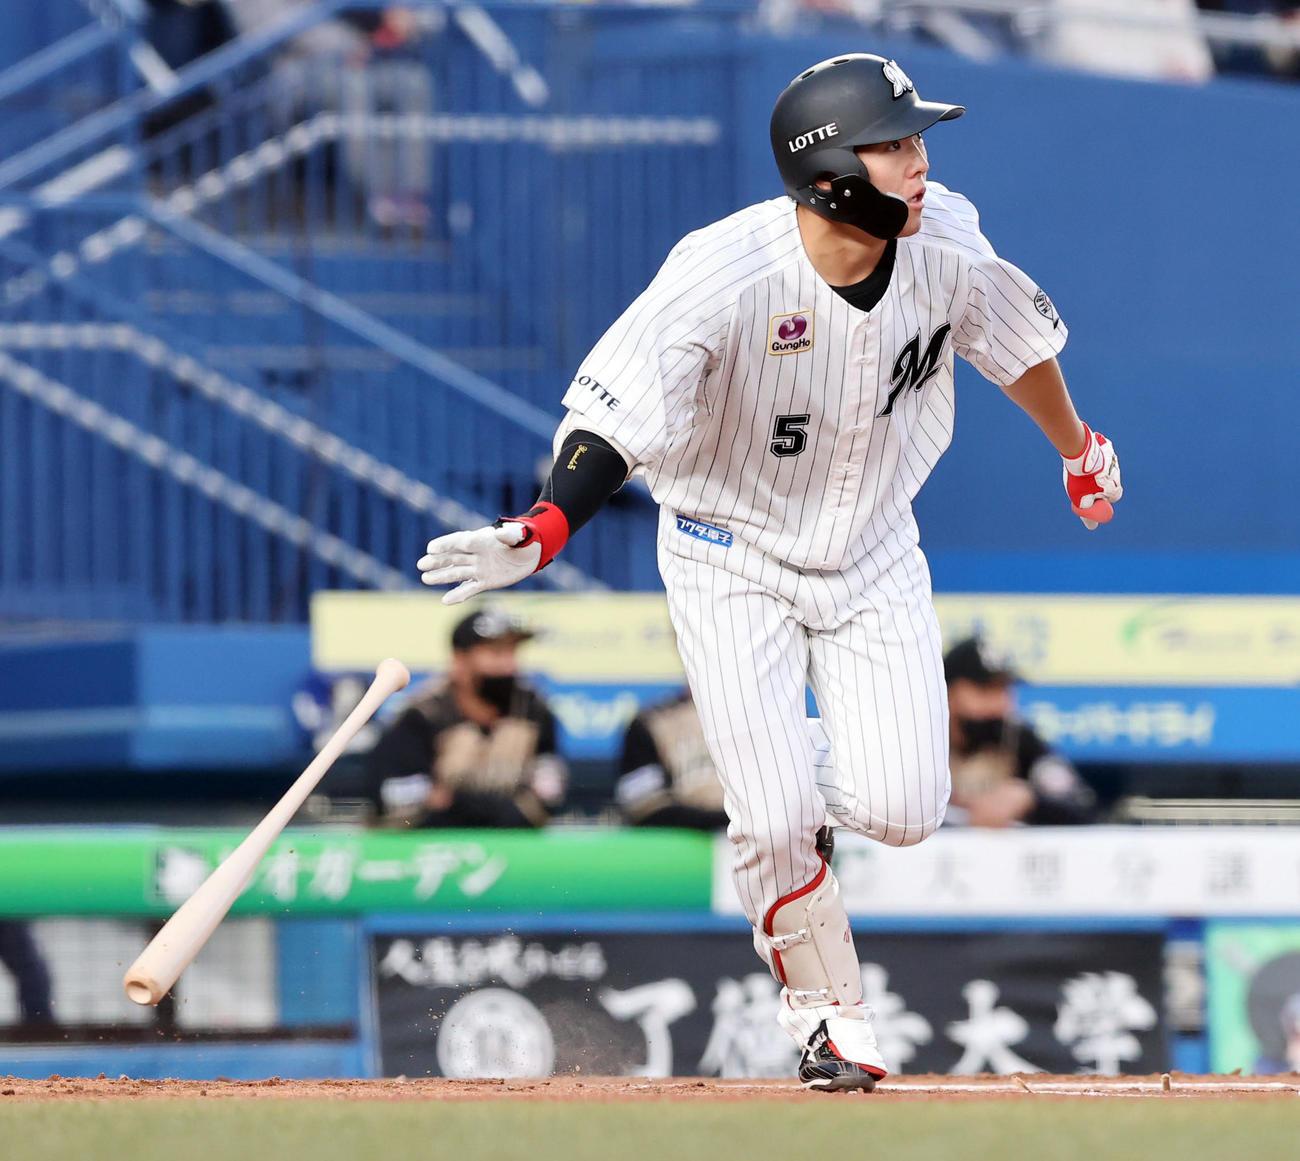 ロッテ対日本ハム 1回裏ロッテ2死一塁、適時二塁打を放つ安田(撮影・垰建太)